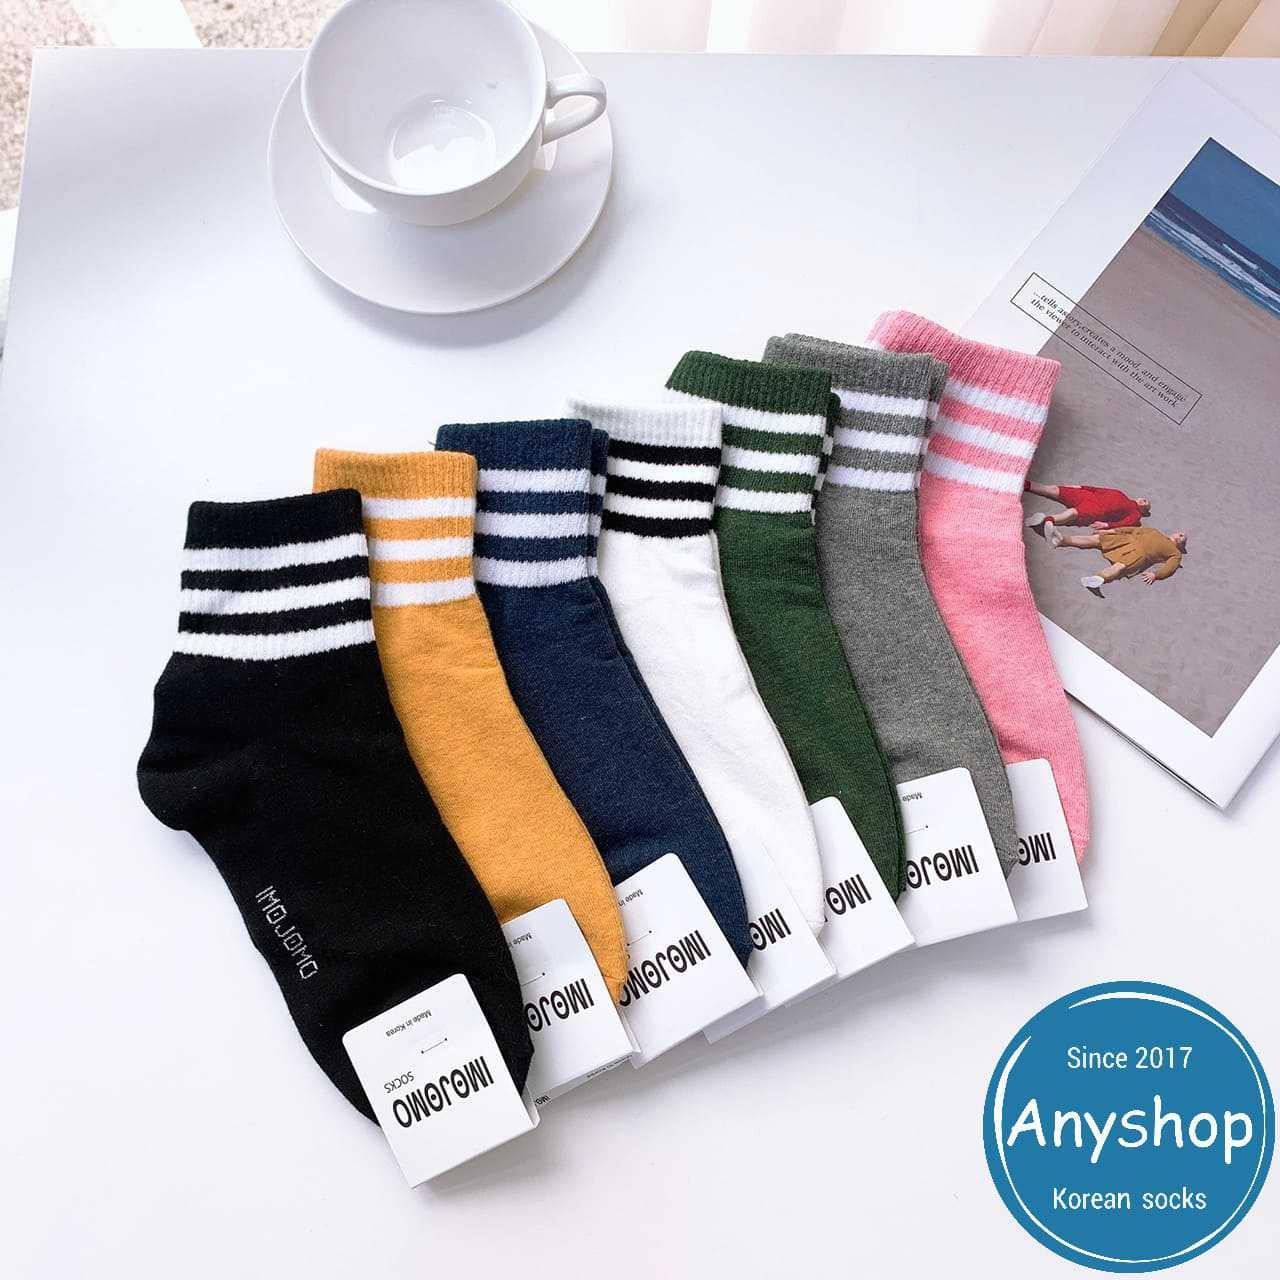 韓國襪-[Anyshop]經典三條紋素色中筒襪